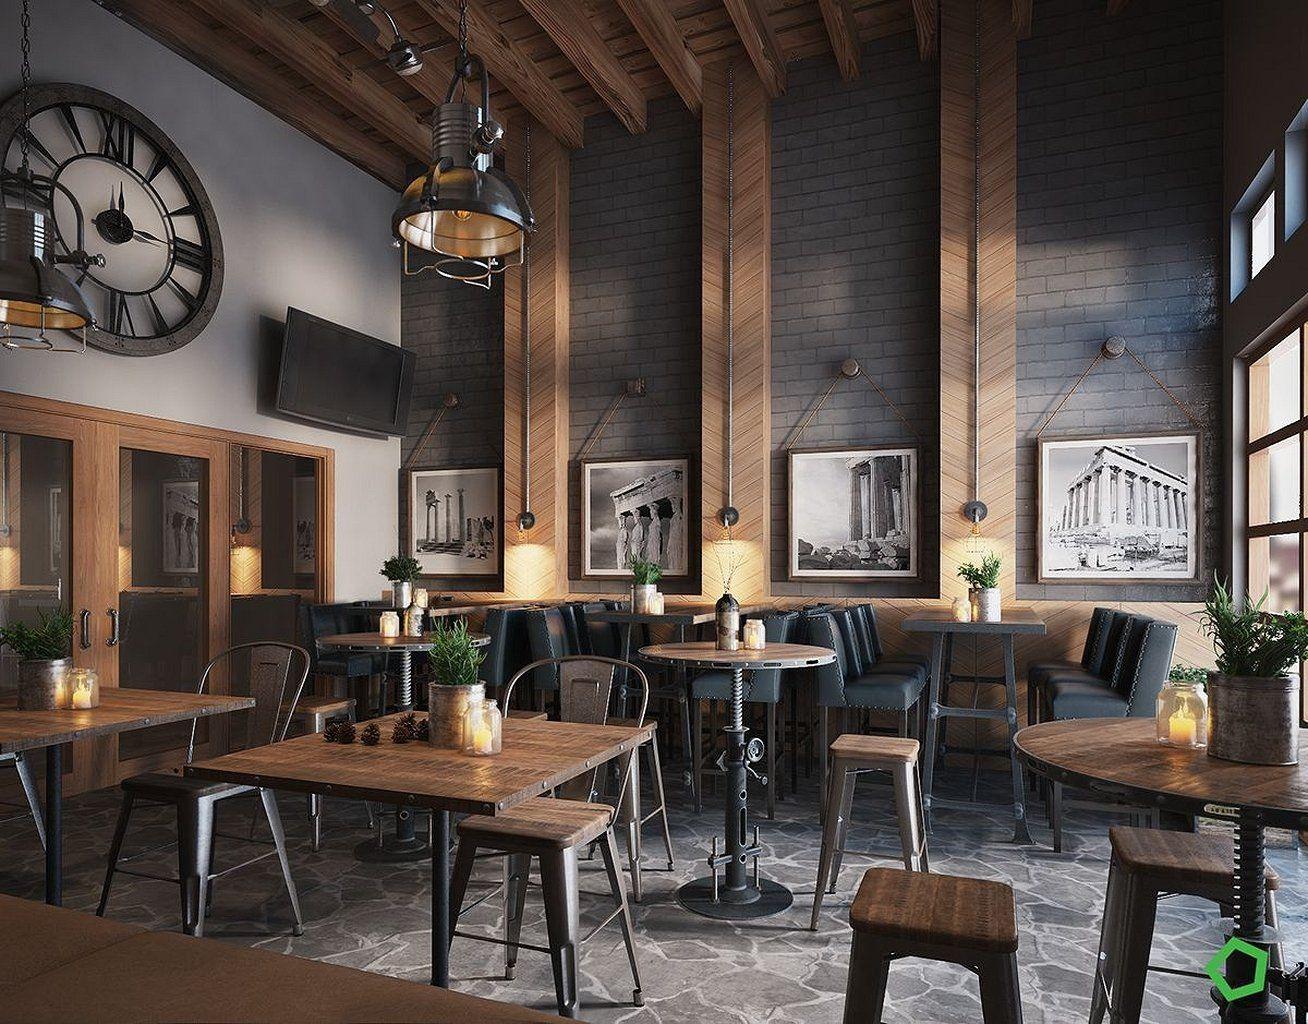 Best 30 Cafe Bar Design Ideas For You Https Www Mobmasker Com